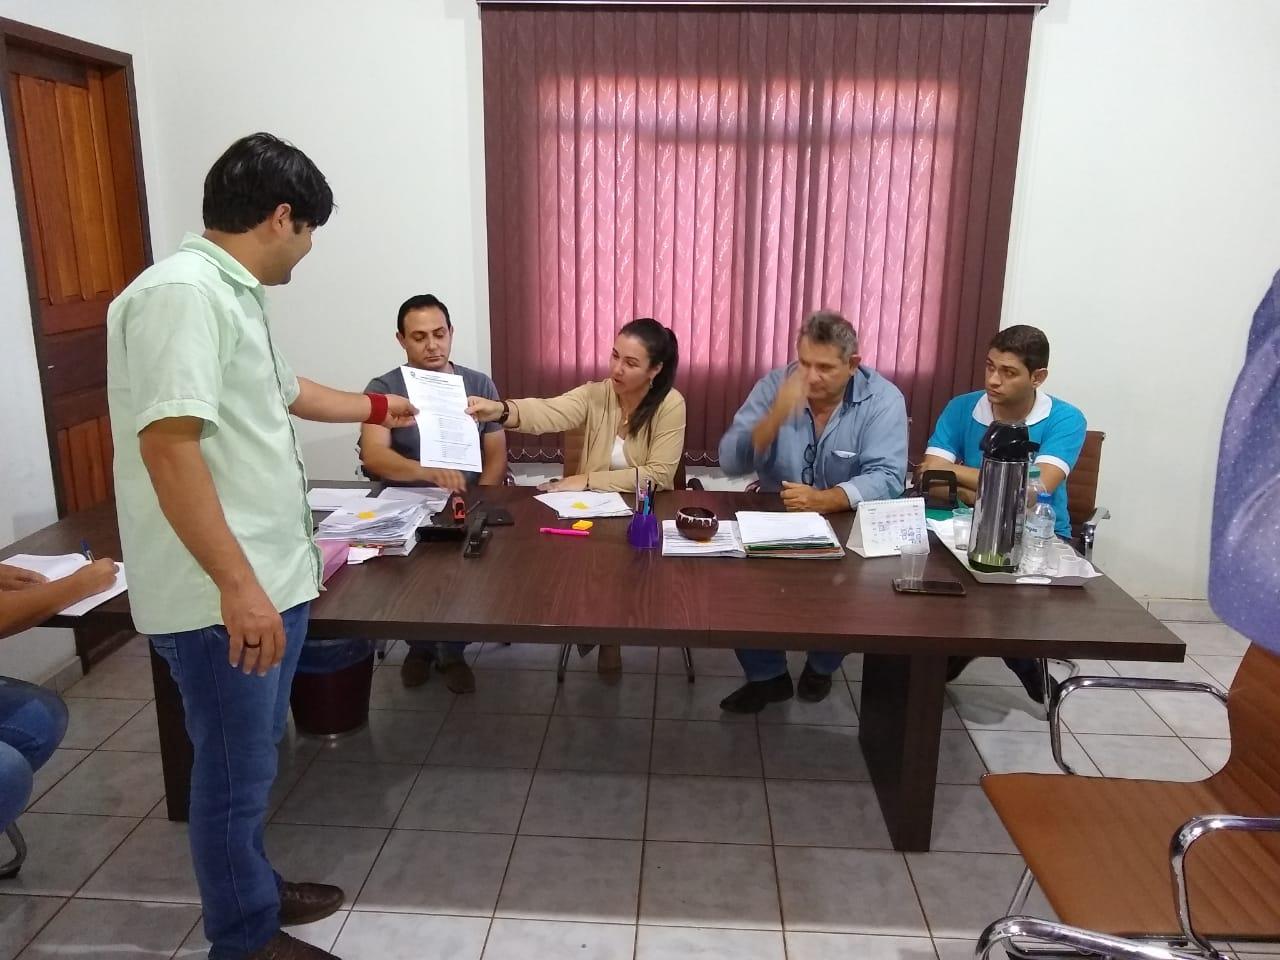 CHUPINGUAIA, TERRA SEM LEI: PREFEITA DESCUMPRE DETERMINAÇÃO DA JUSTIÇA SOBRE PISO SALARIAL DOS ACS E ACE